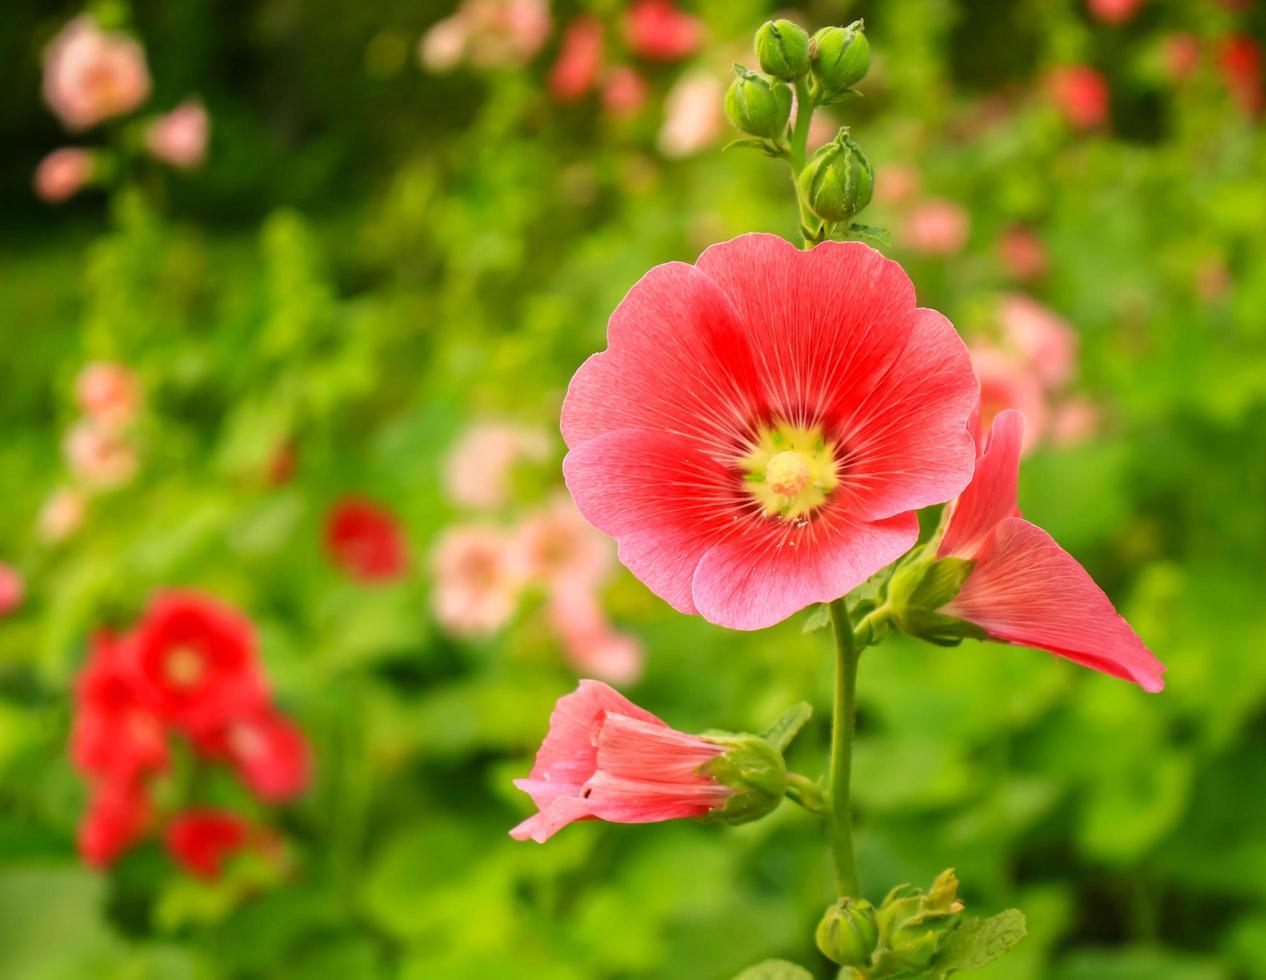 röda malvablommor som blommar i en trädgård foto